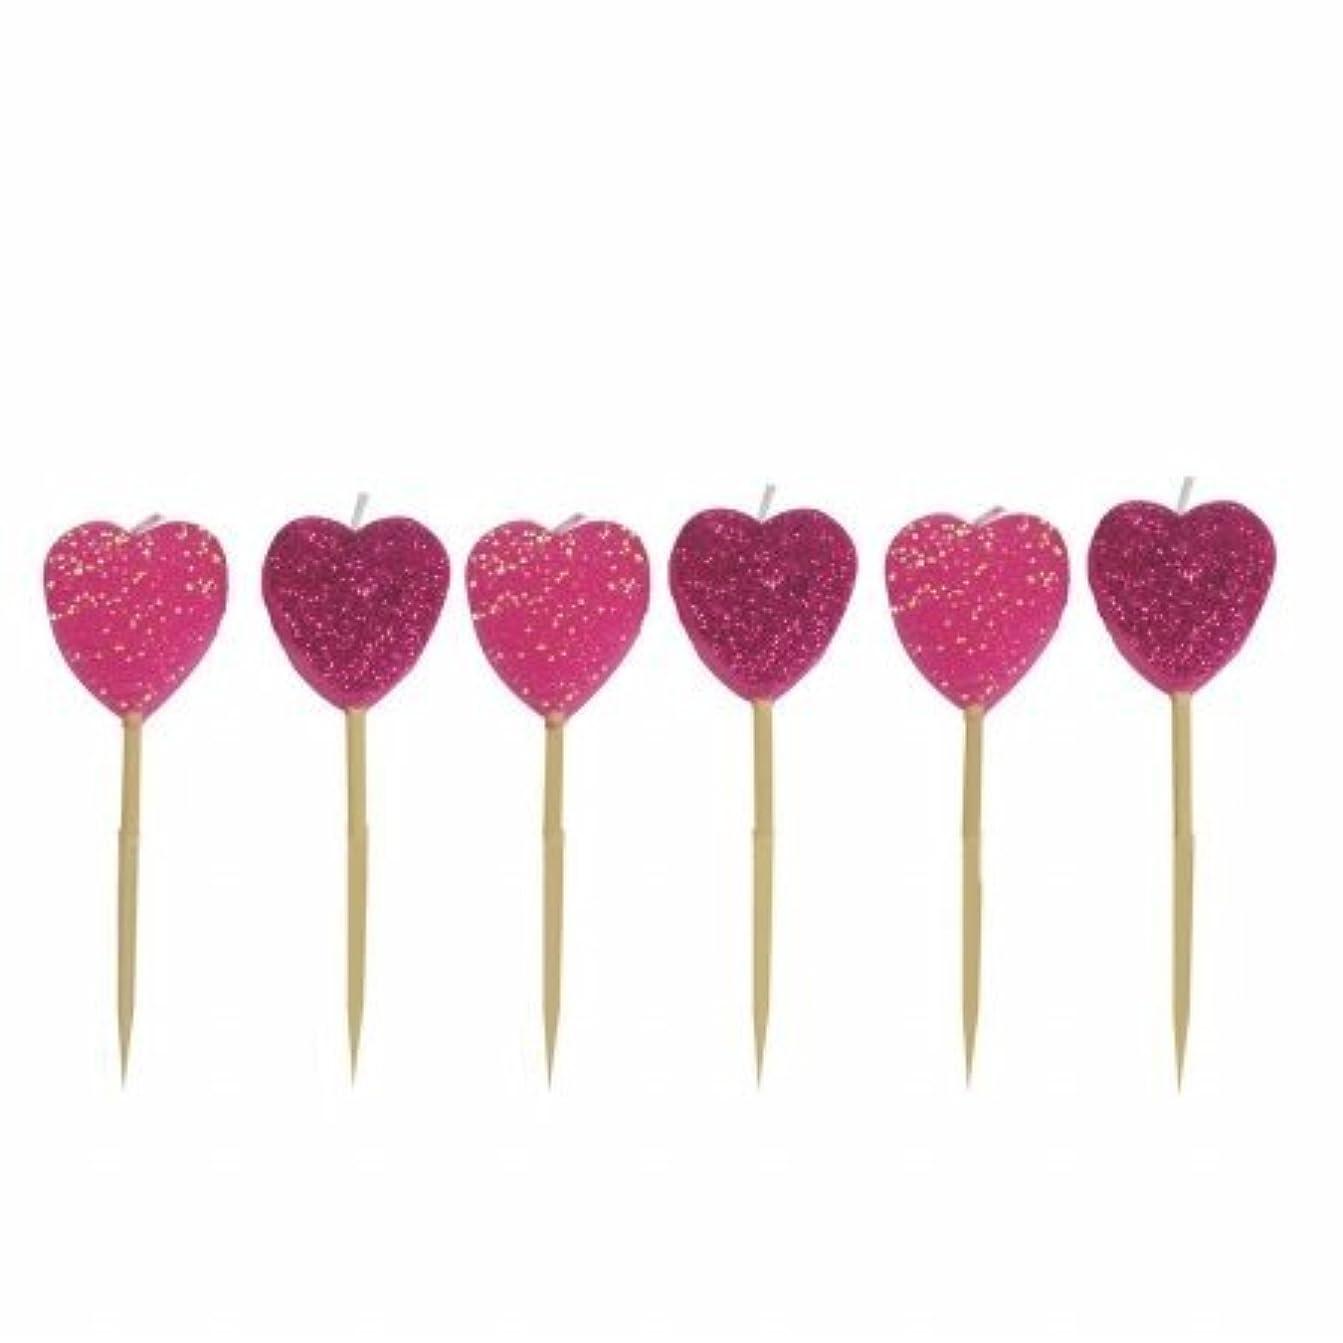 マークダウンフォーマット大きなスケールで見るとSassafras Enterprises 2300HRT Hearts Candles